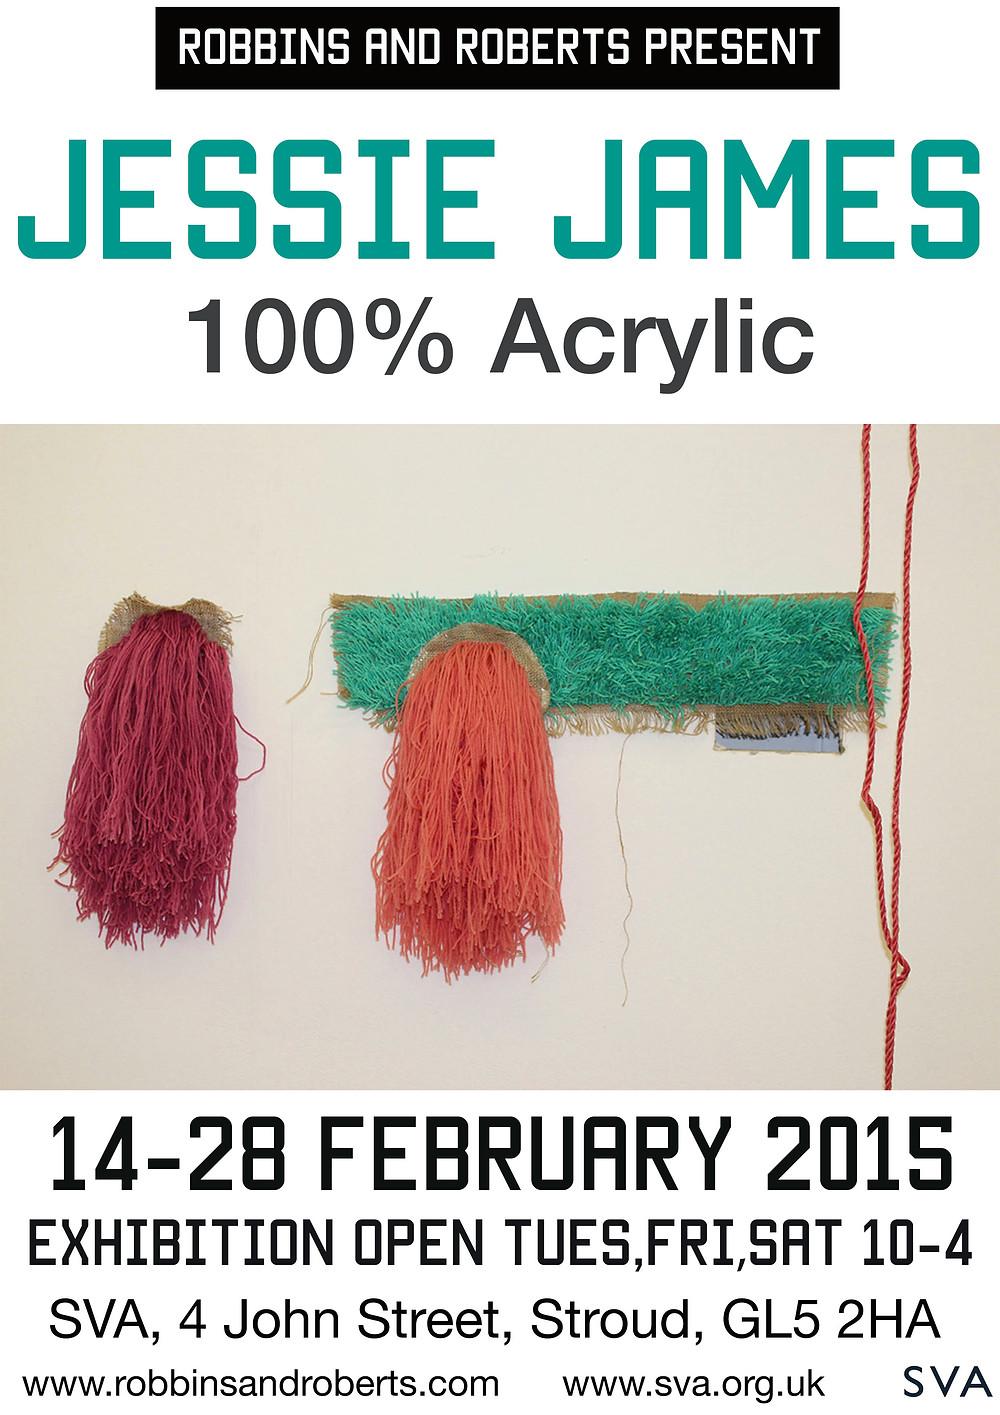 jessie james poster.jpg